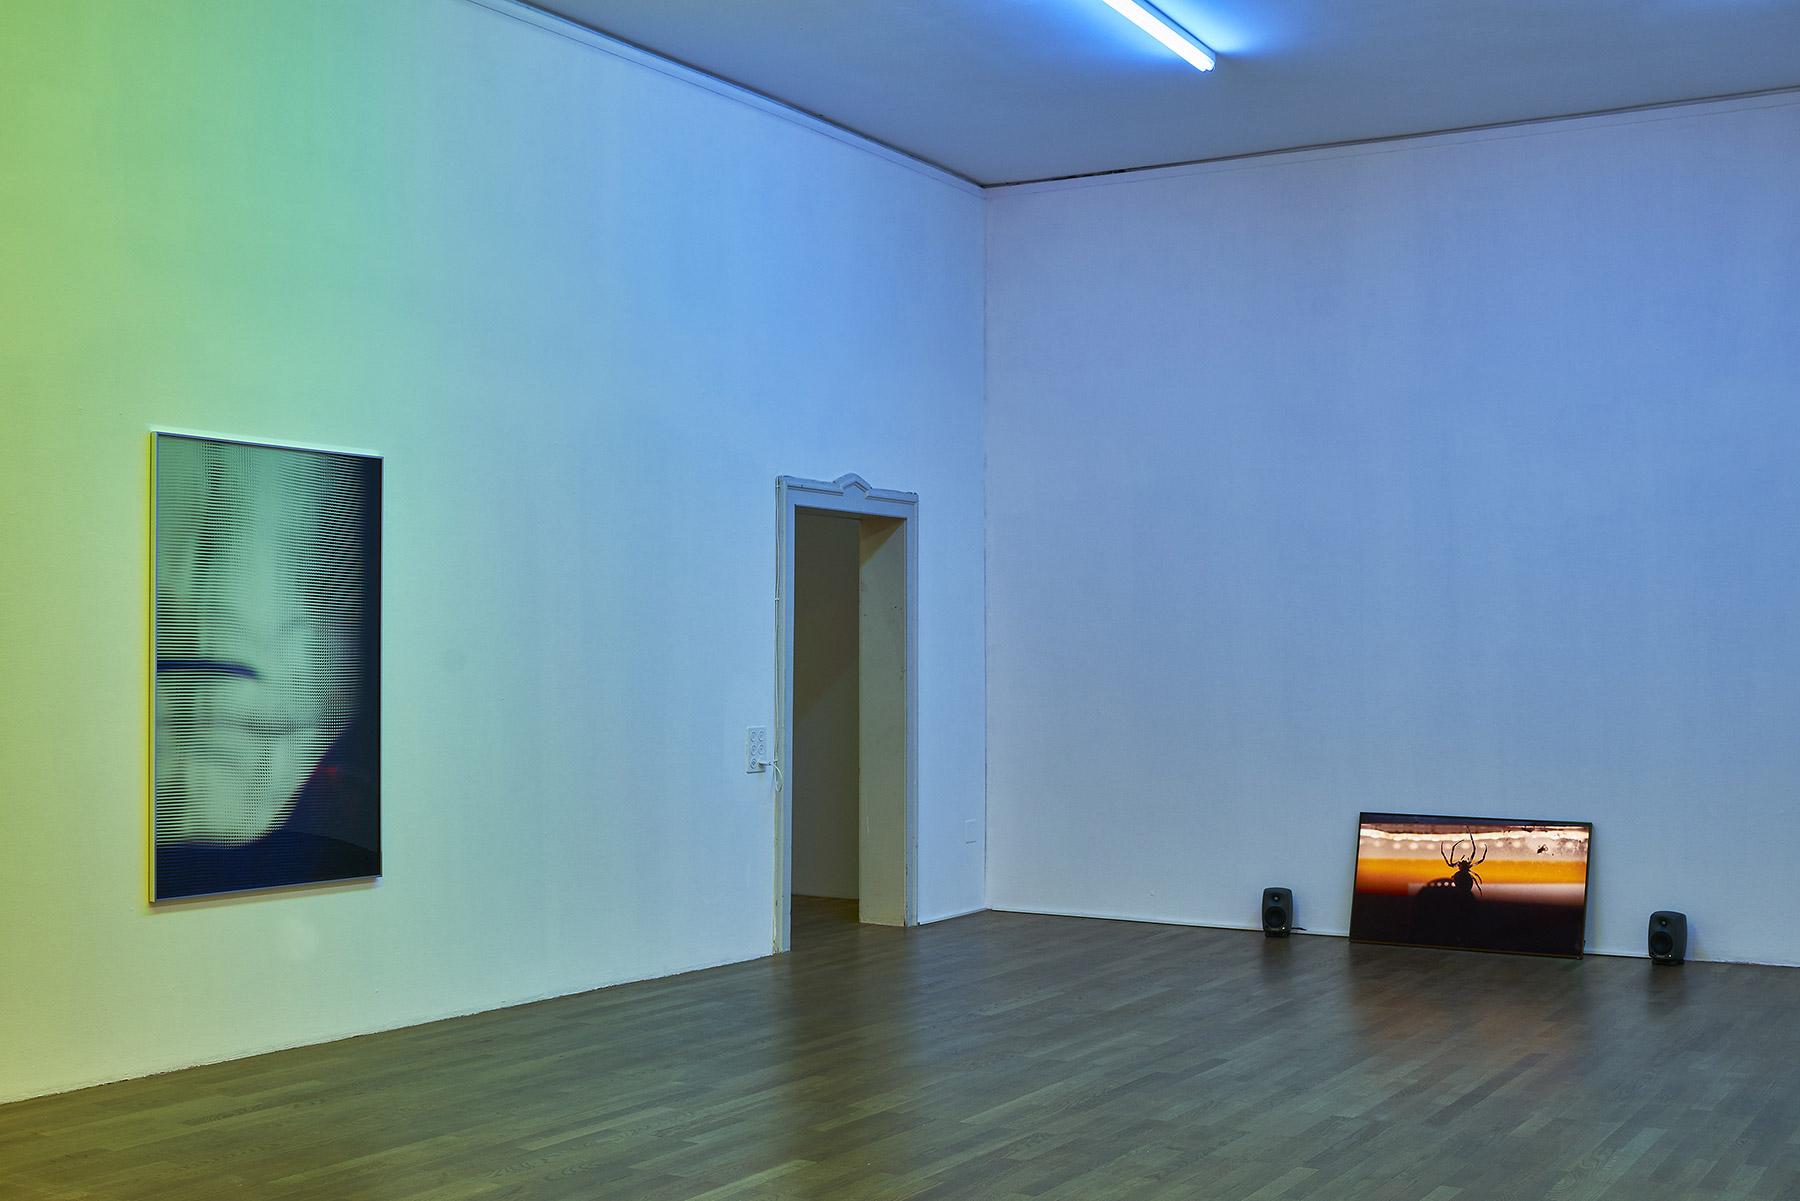 Kunsthalle-Winterthur-Michael-Etzensperger-3.jpg